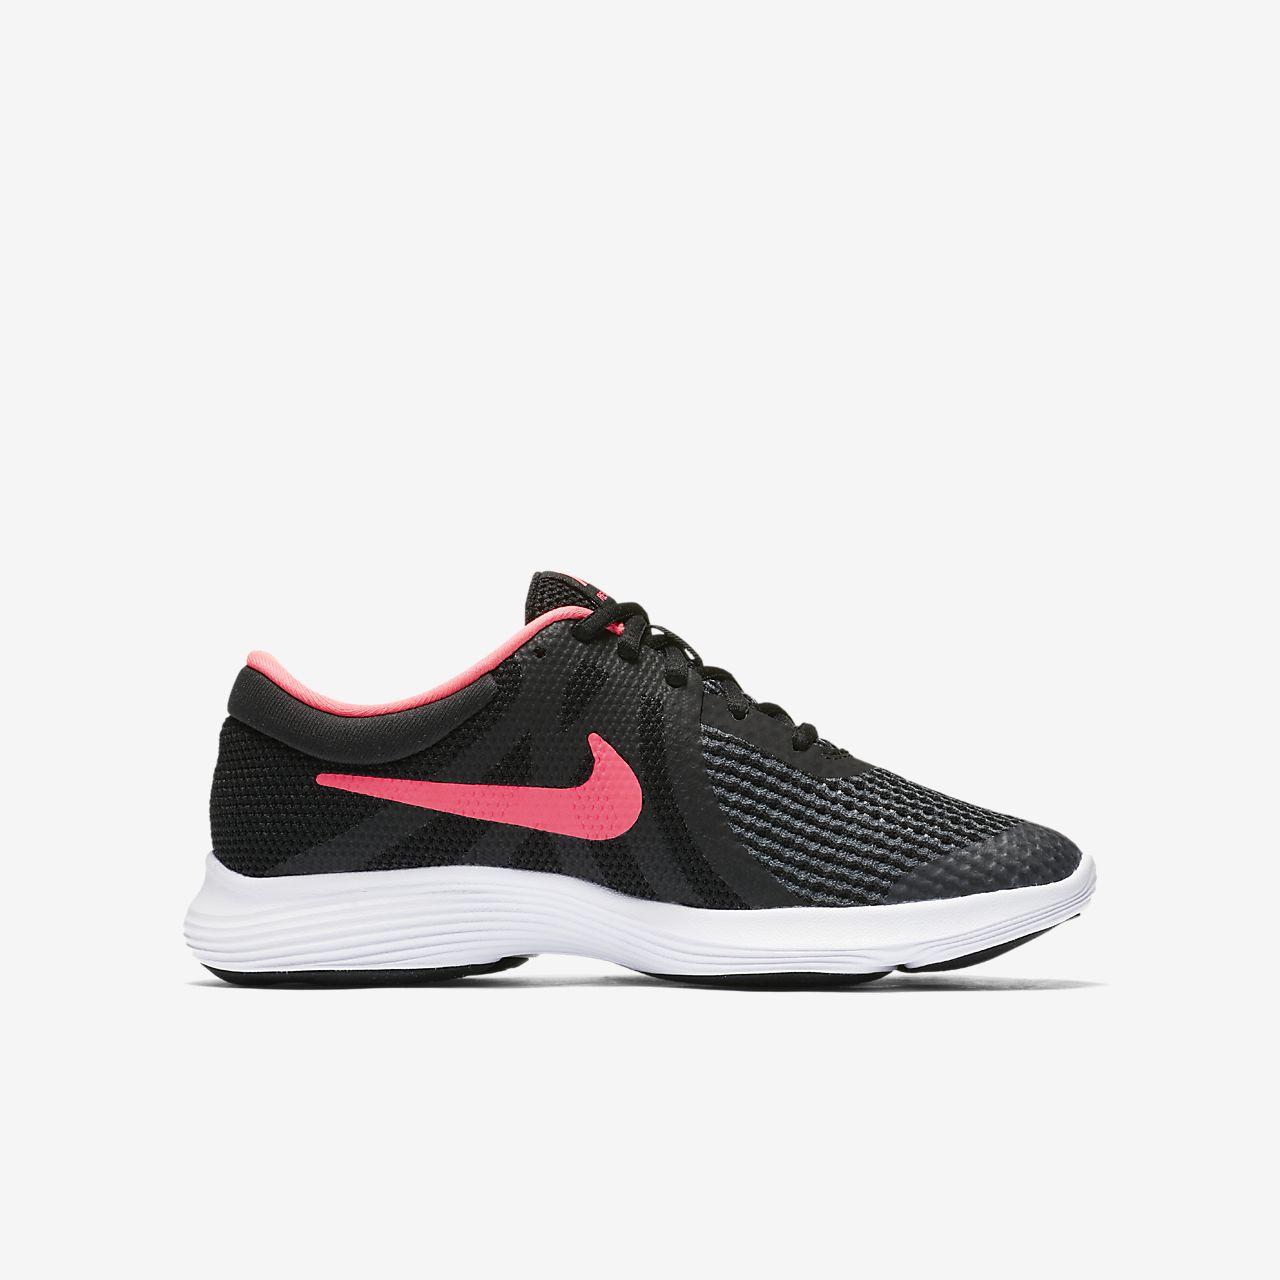 Nike Revolution 4 Big Laufschuh für ältere Kinder - Schwarz ne91Sgk